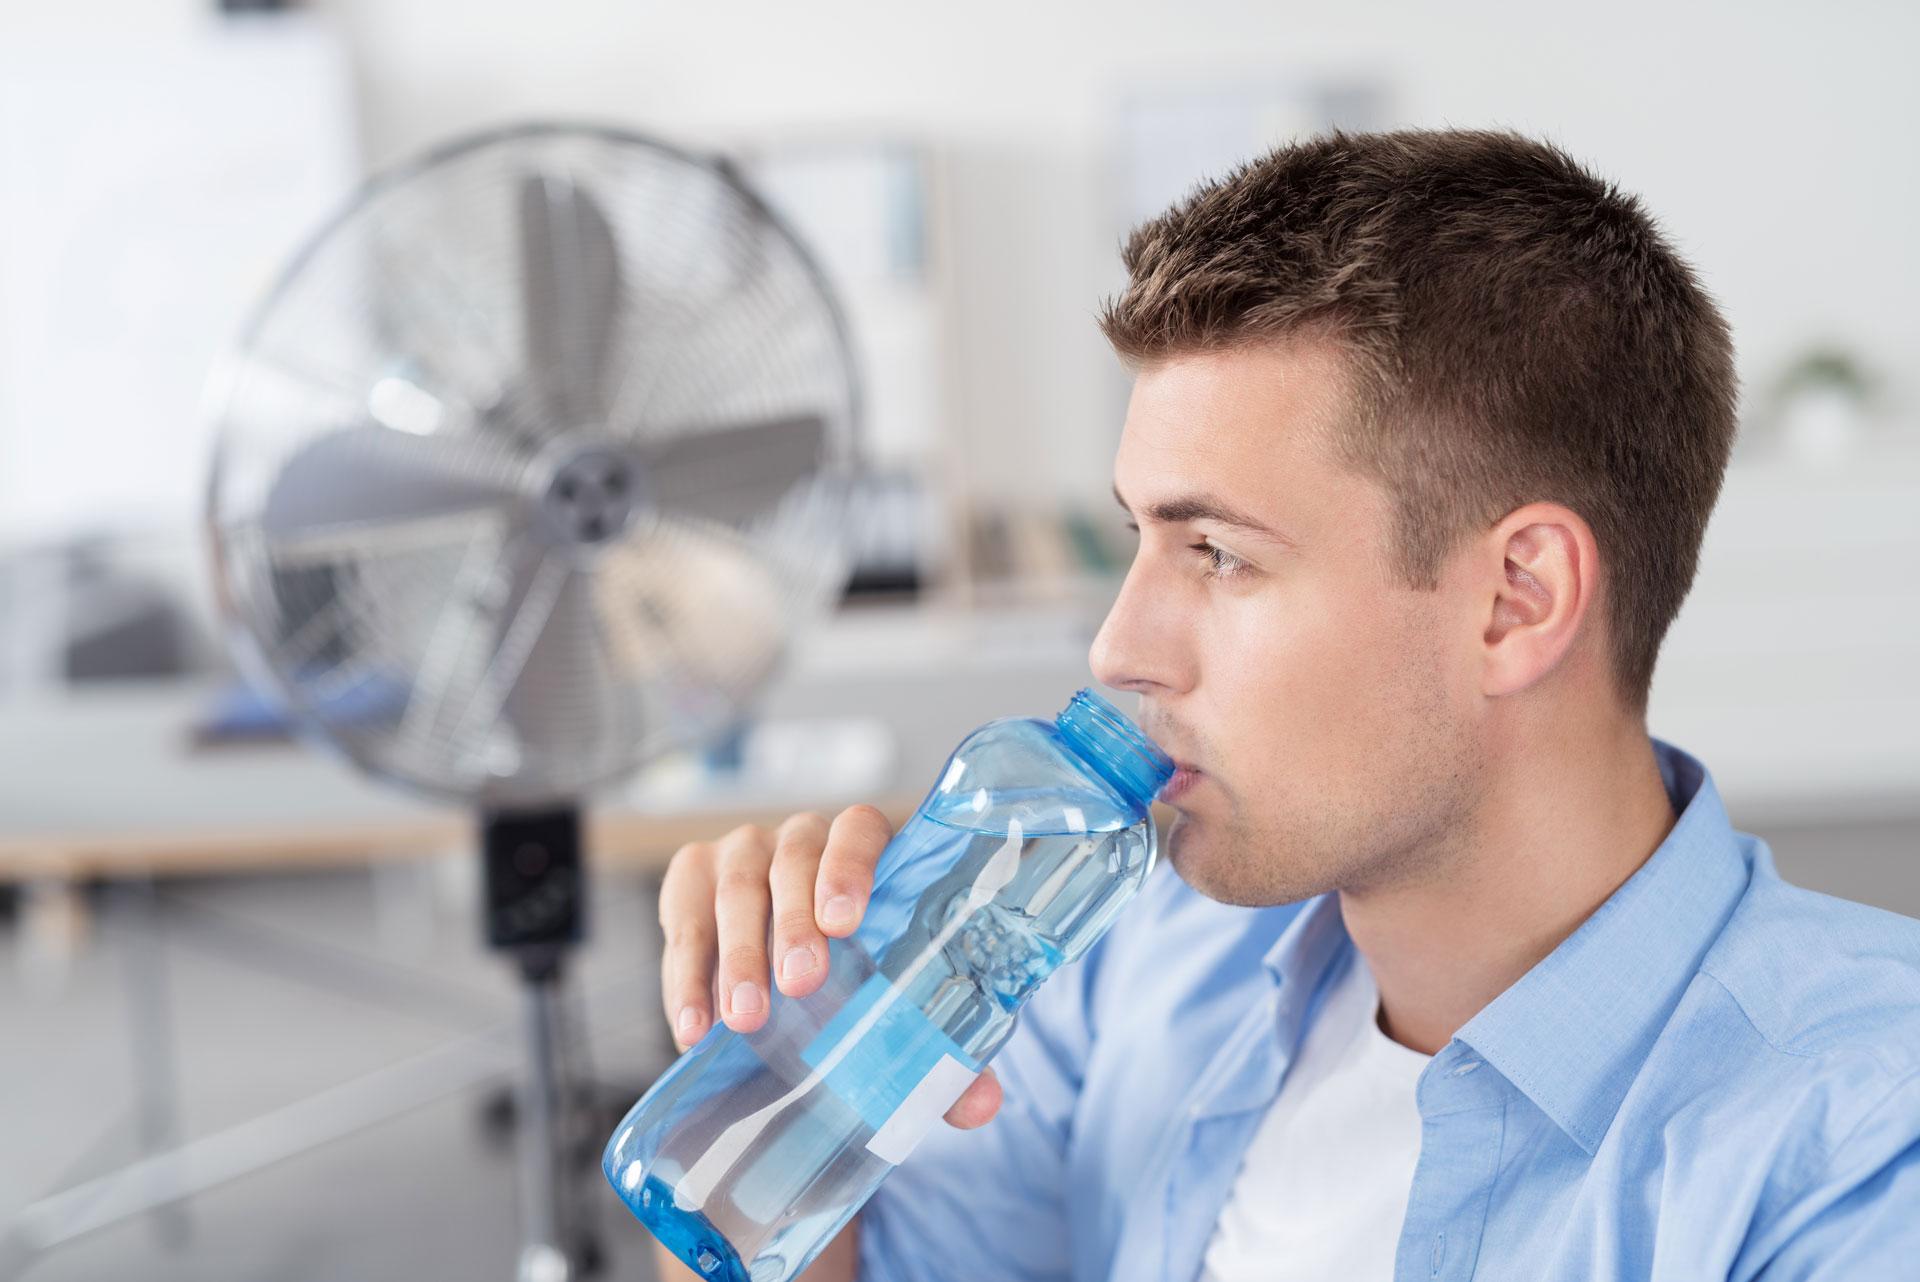 agile BGF » betriebliche Gesundheitsförderung » ein Herr trinkt Wasser